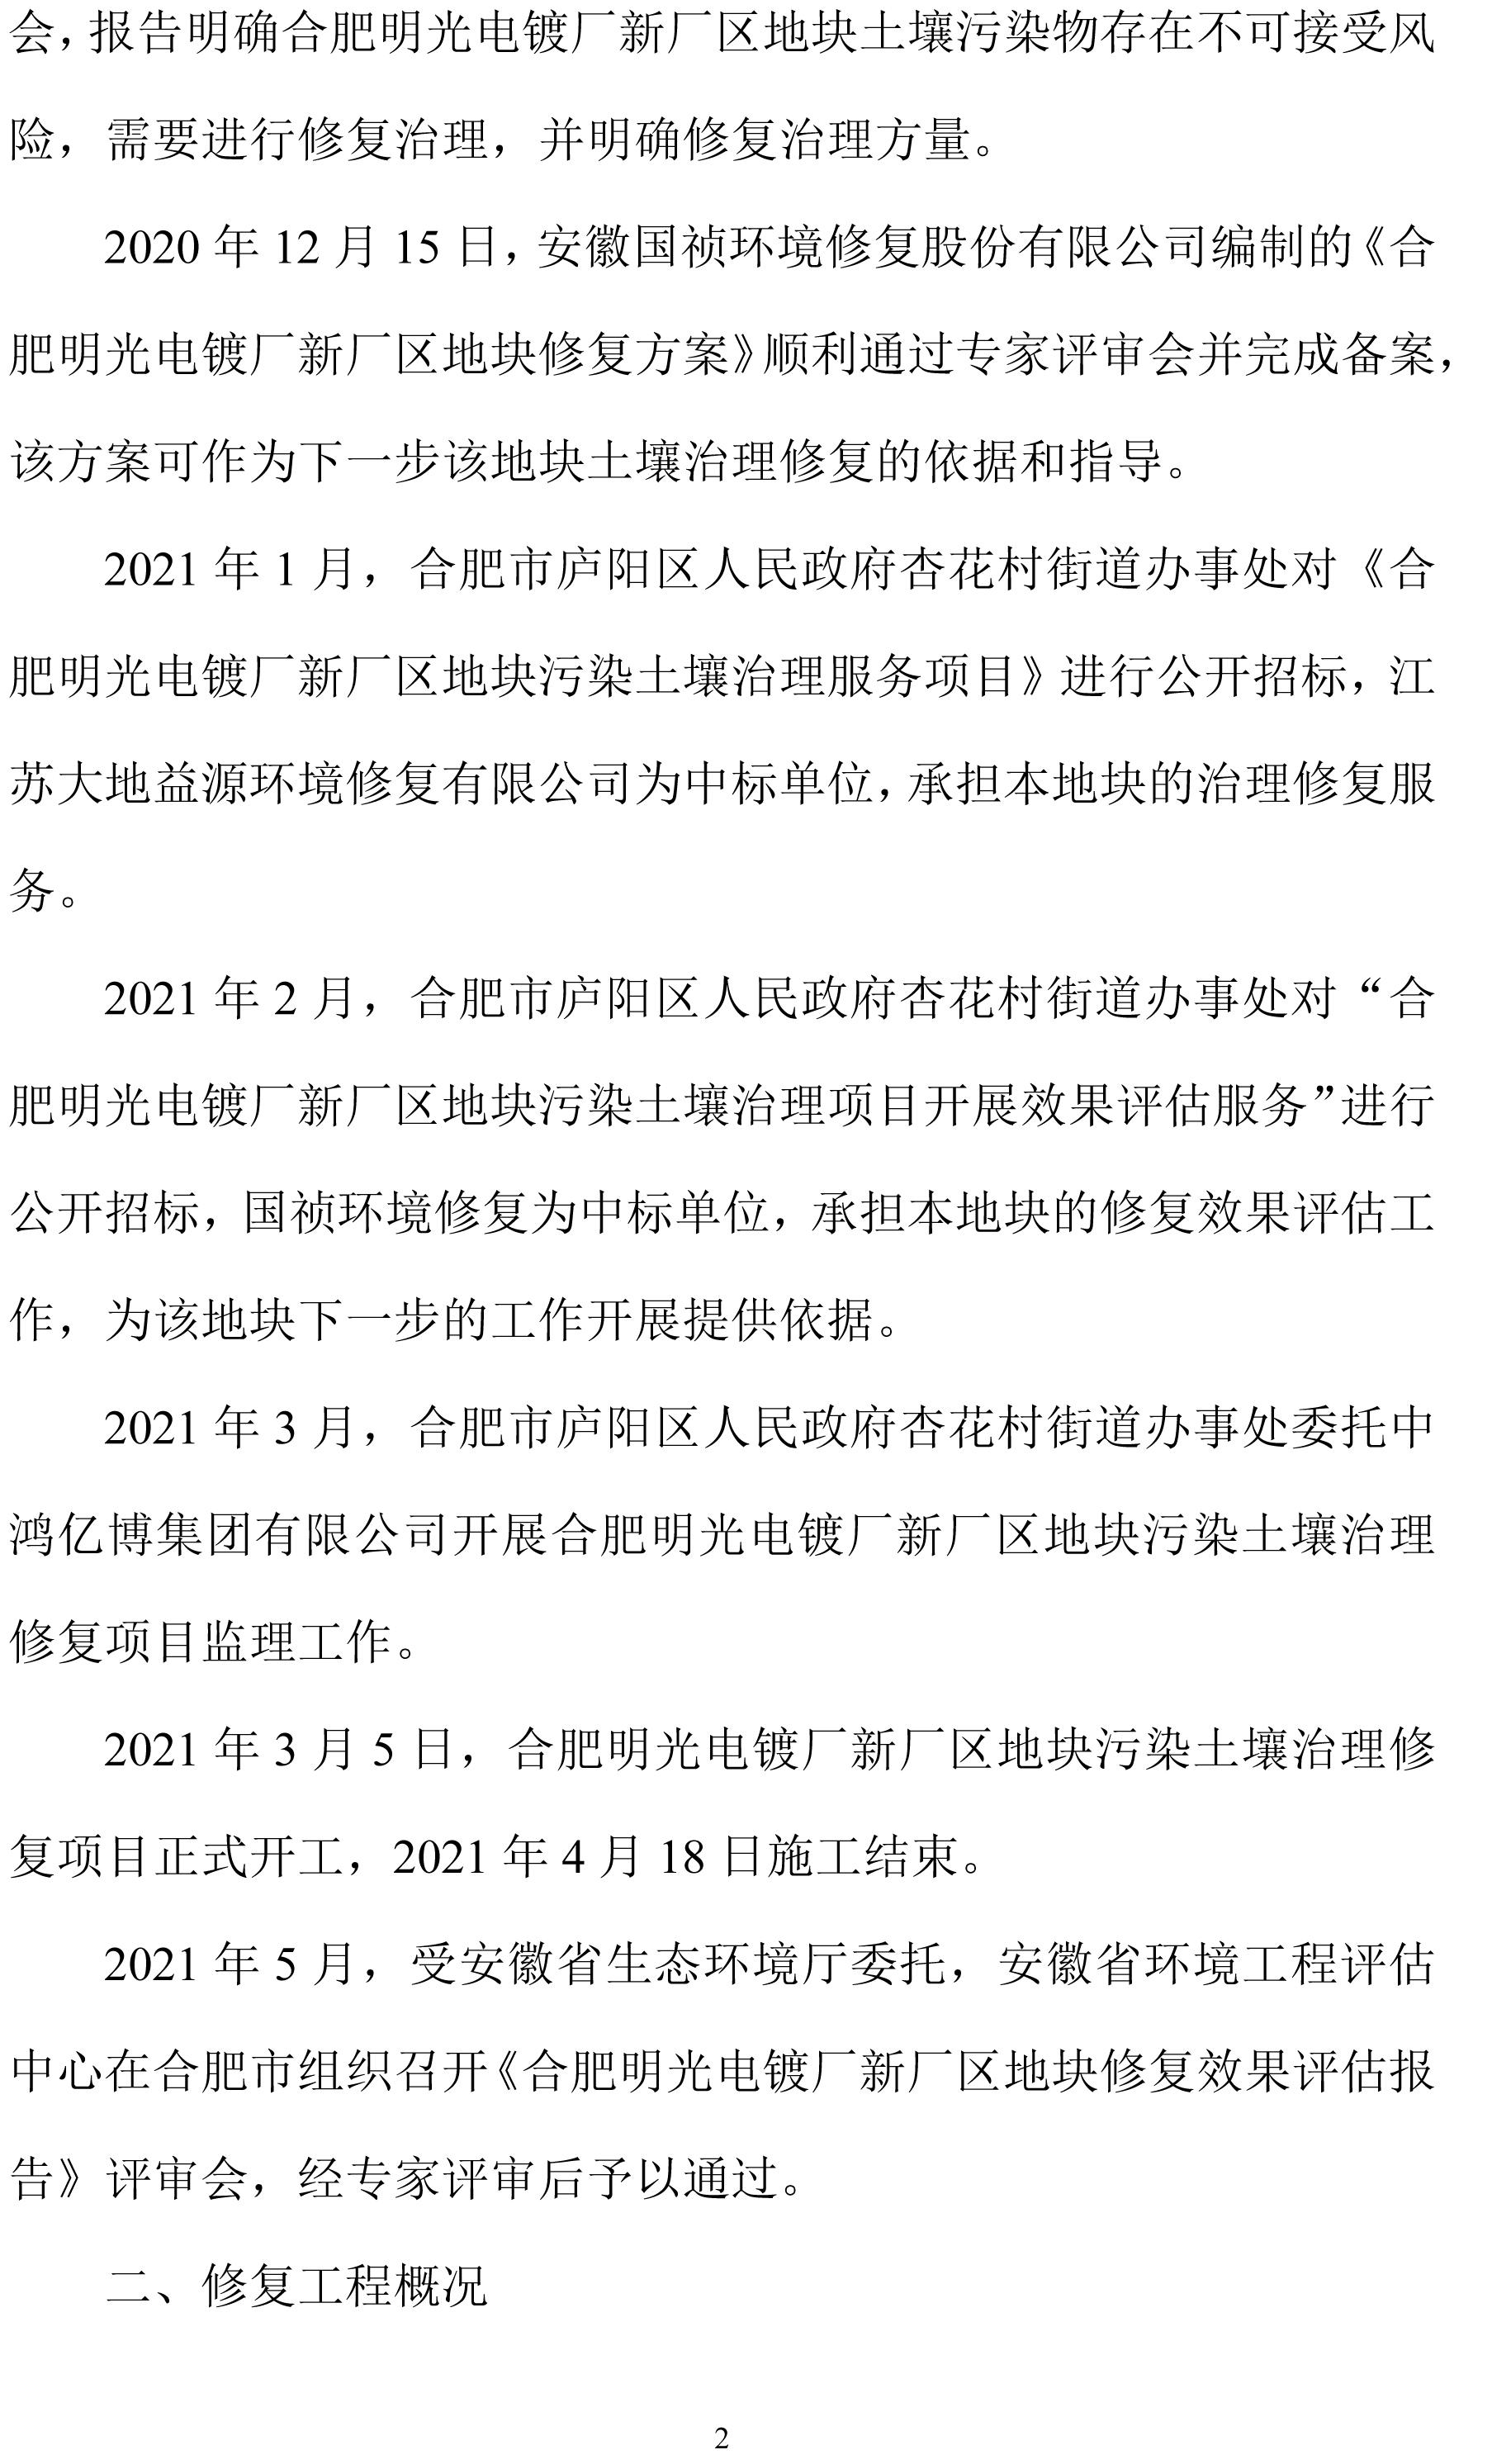 关于《合肥明光电镀厂新厂区地块新宝5下载app手机下载安装效果评估报告》的信息公开-2.jpg